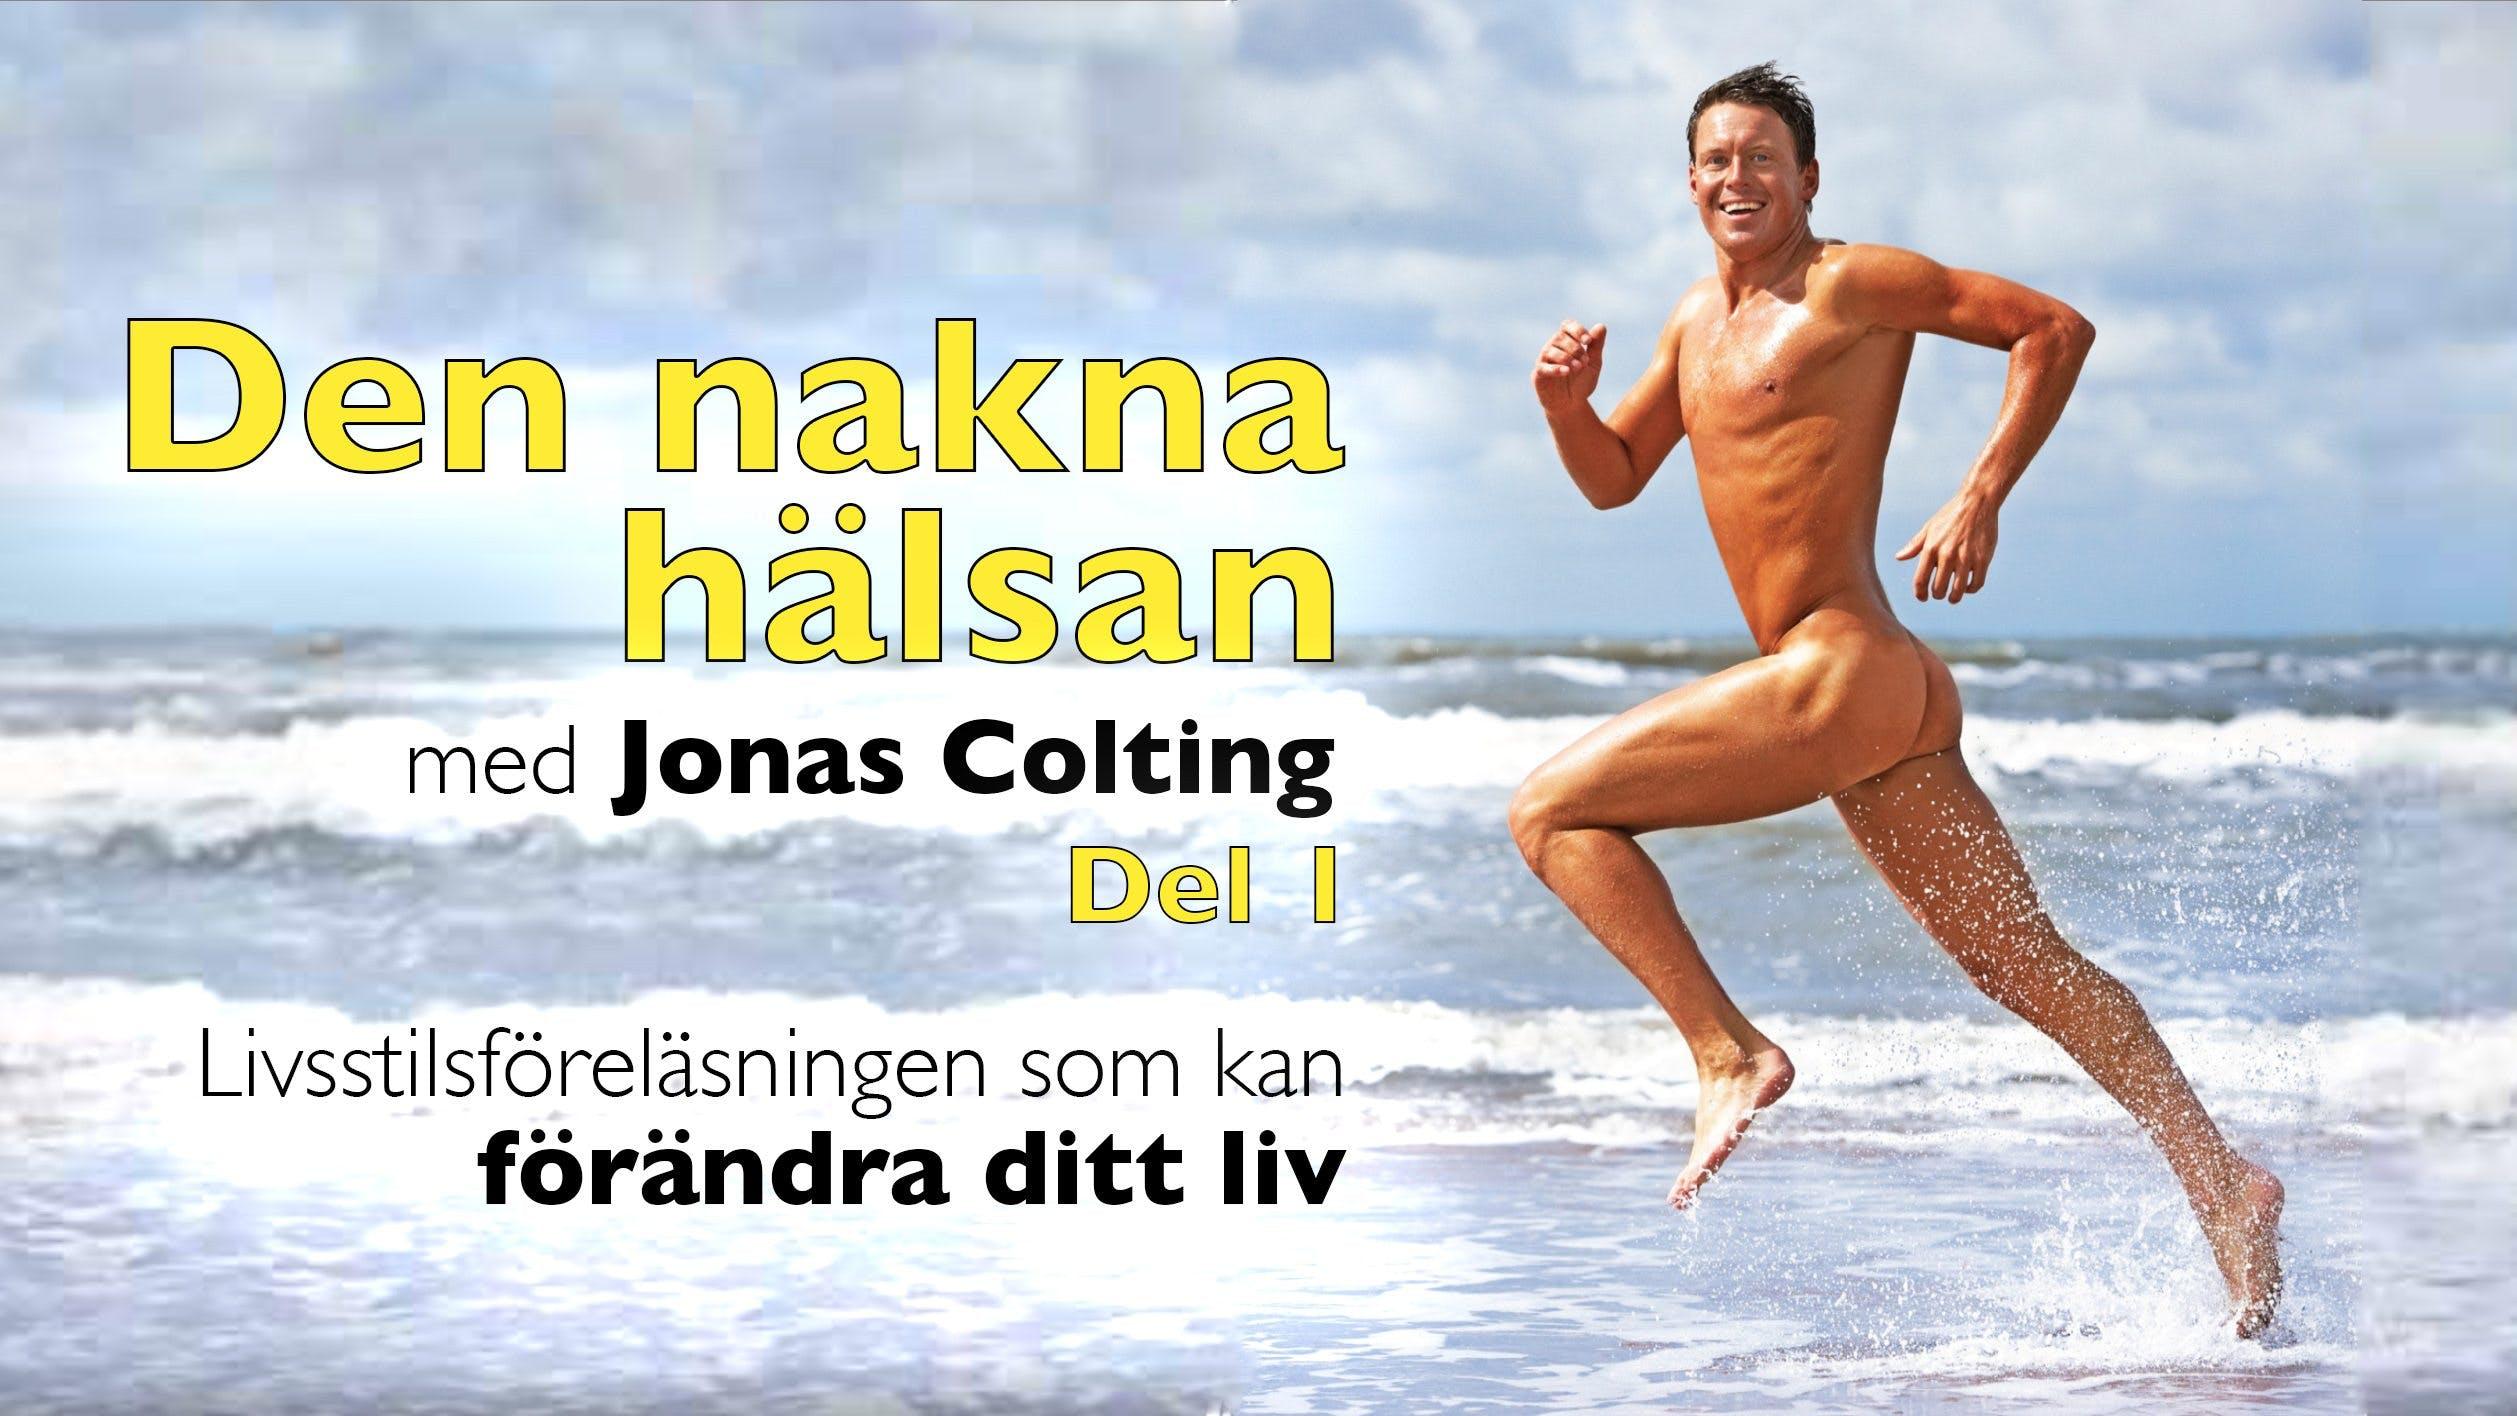 Den nakna hälsan! Del 1 –Jonas Colting